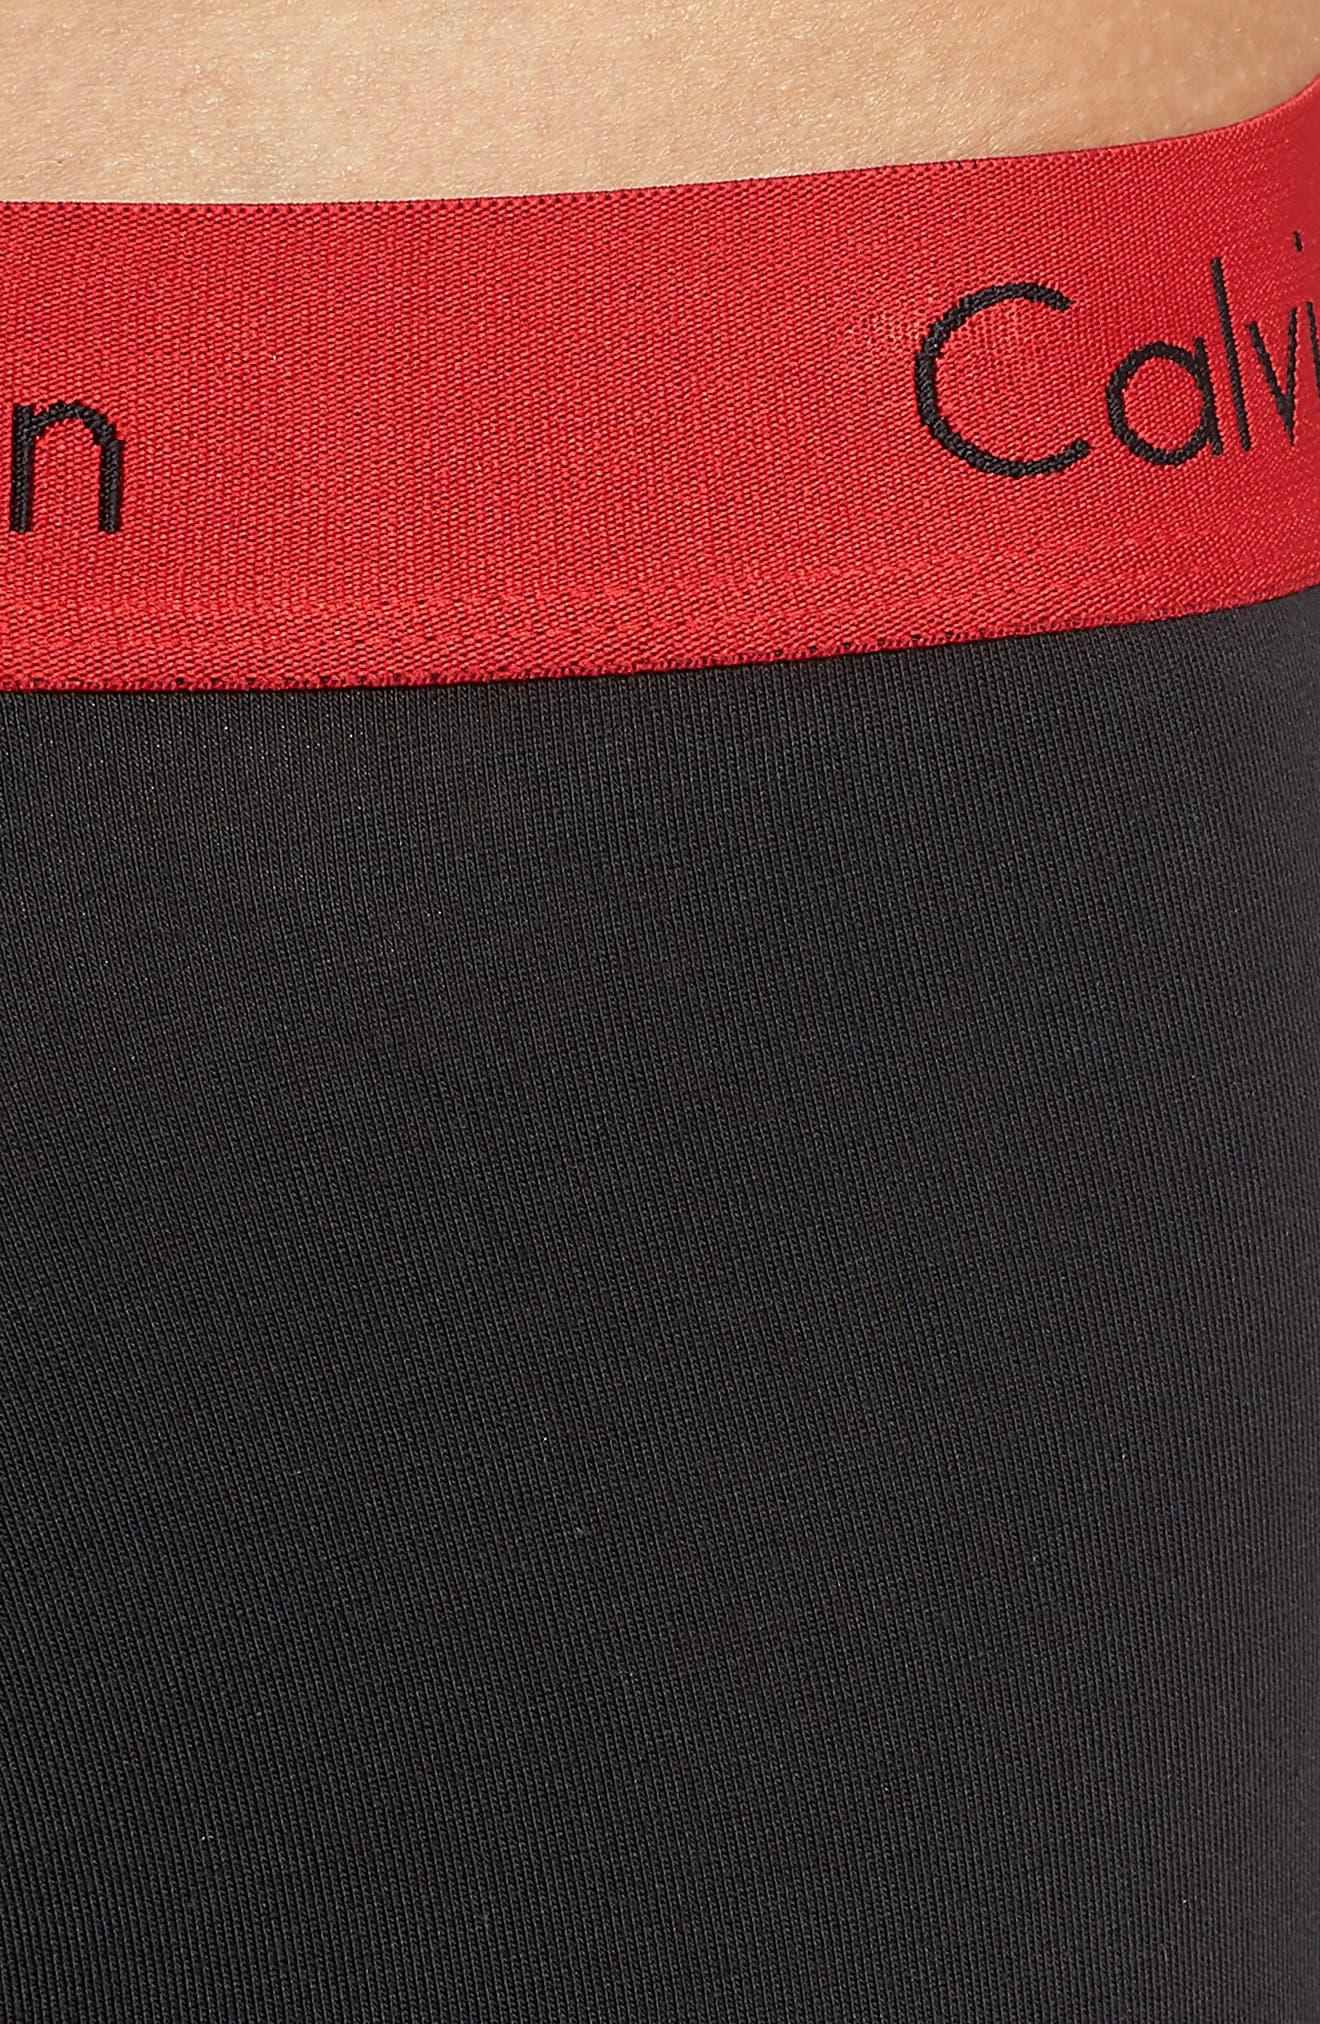 3-Pack Boxer Briefs,                             Alternate thumbnail 5, color,                             BLACK